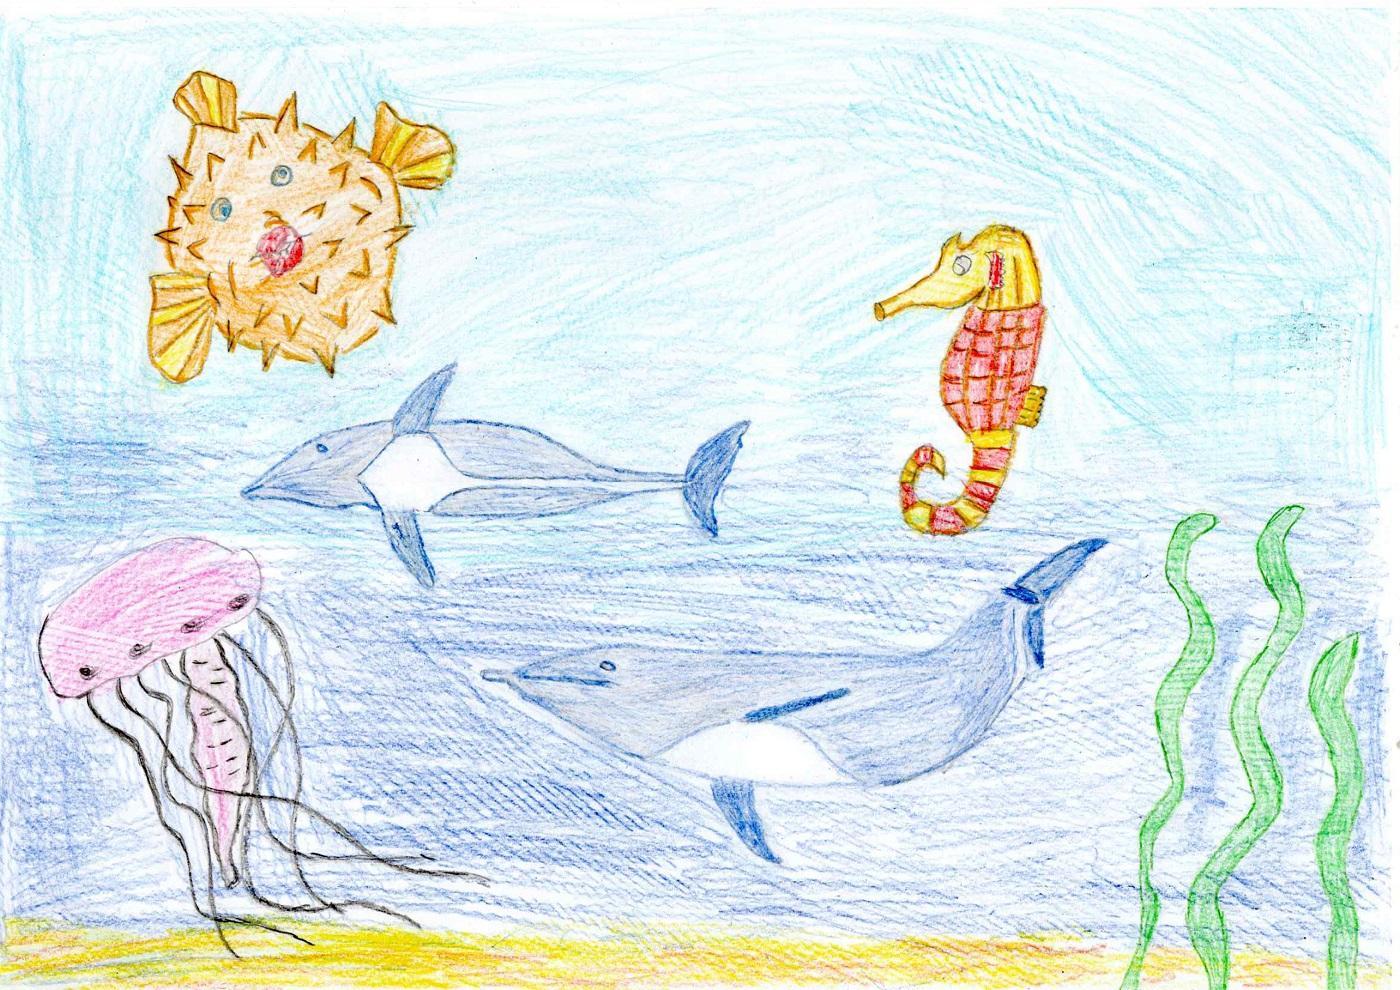 Bild 31 von Lynn Illing (8 Jahre)